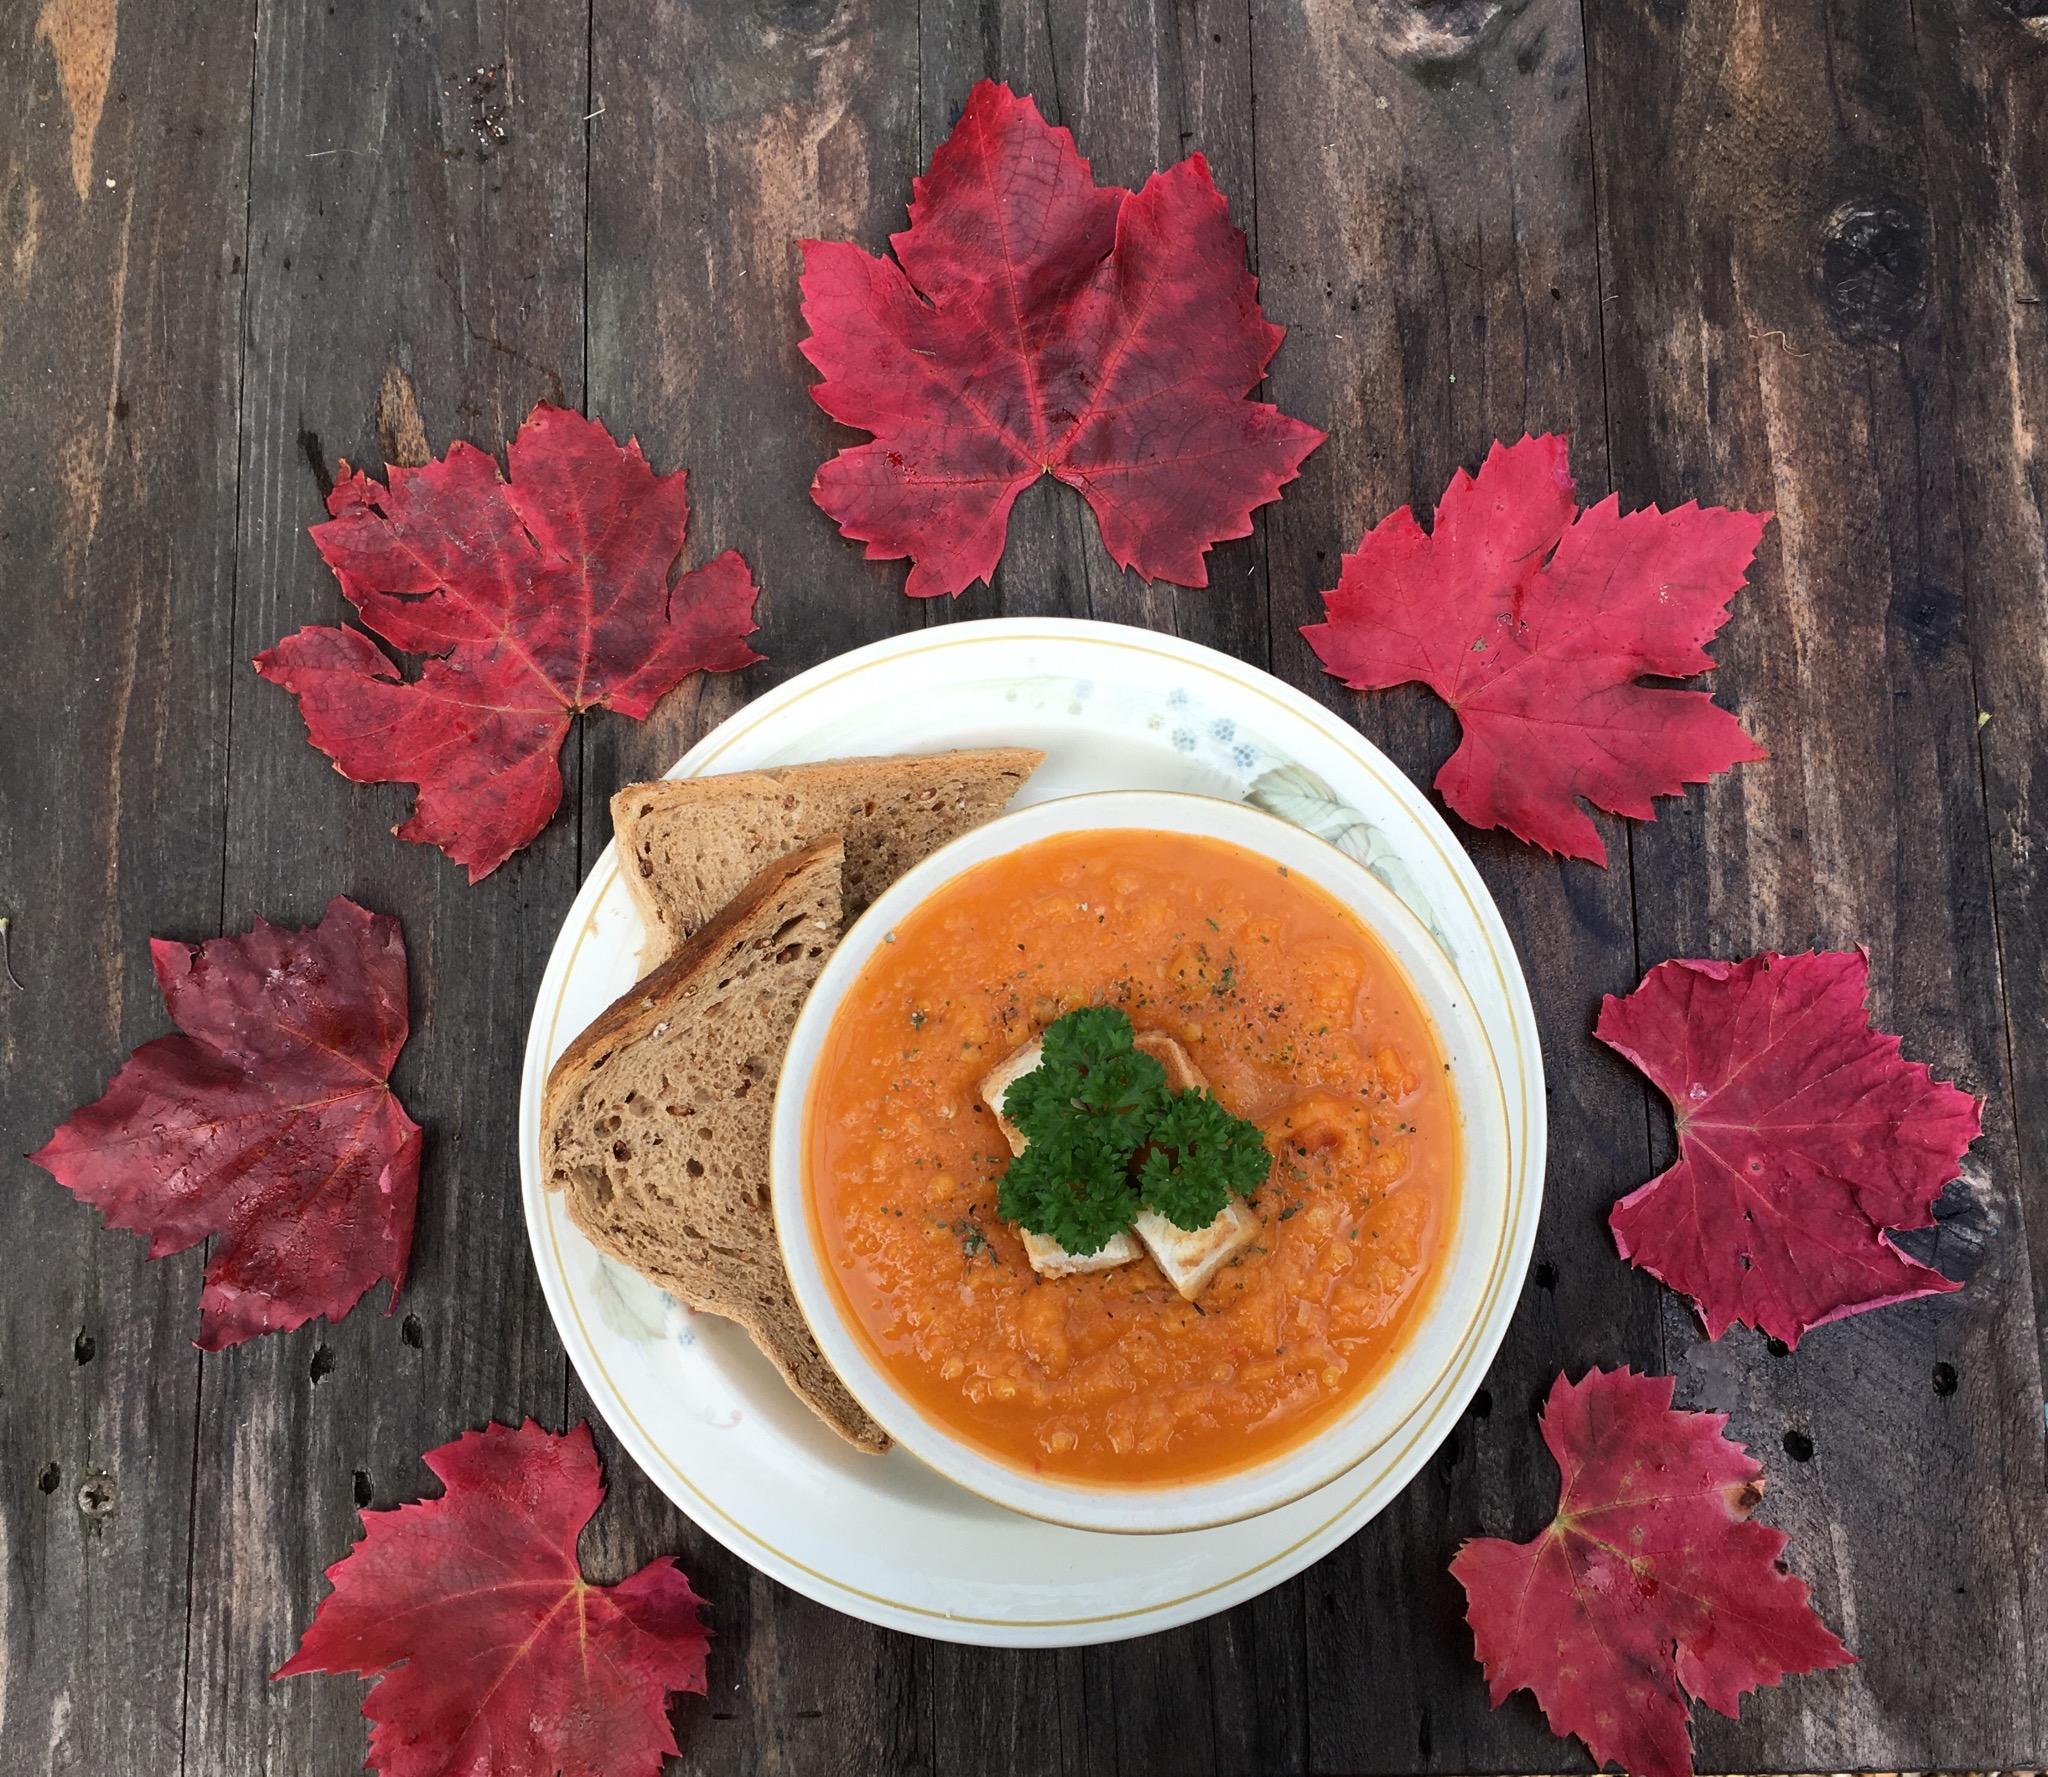 Spicy Carrot & Lentil Soup